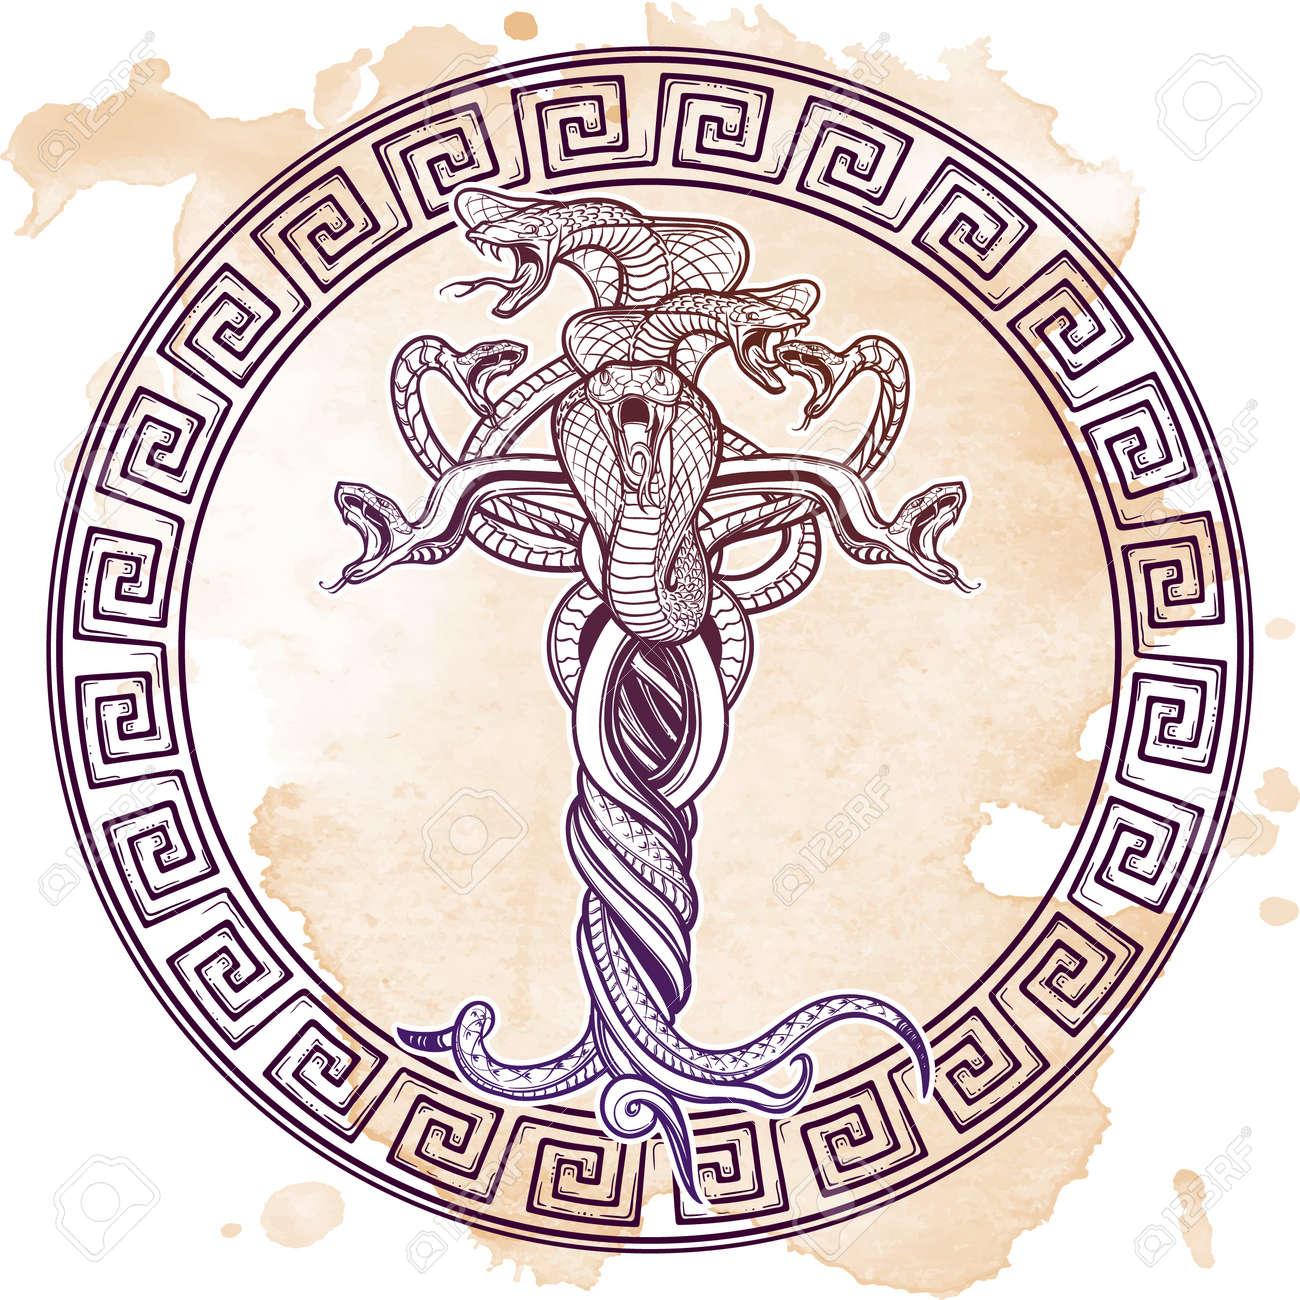 Dessin Tatouage Serpent bouquet de serpents emmêlés comme une représentation sybmbolical du